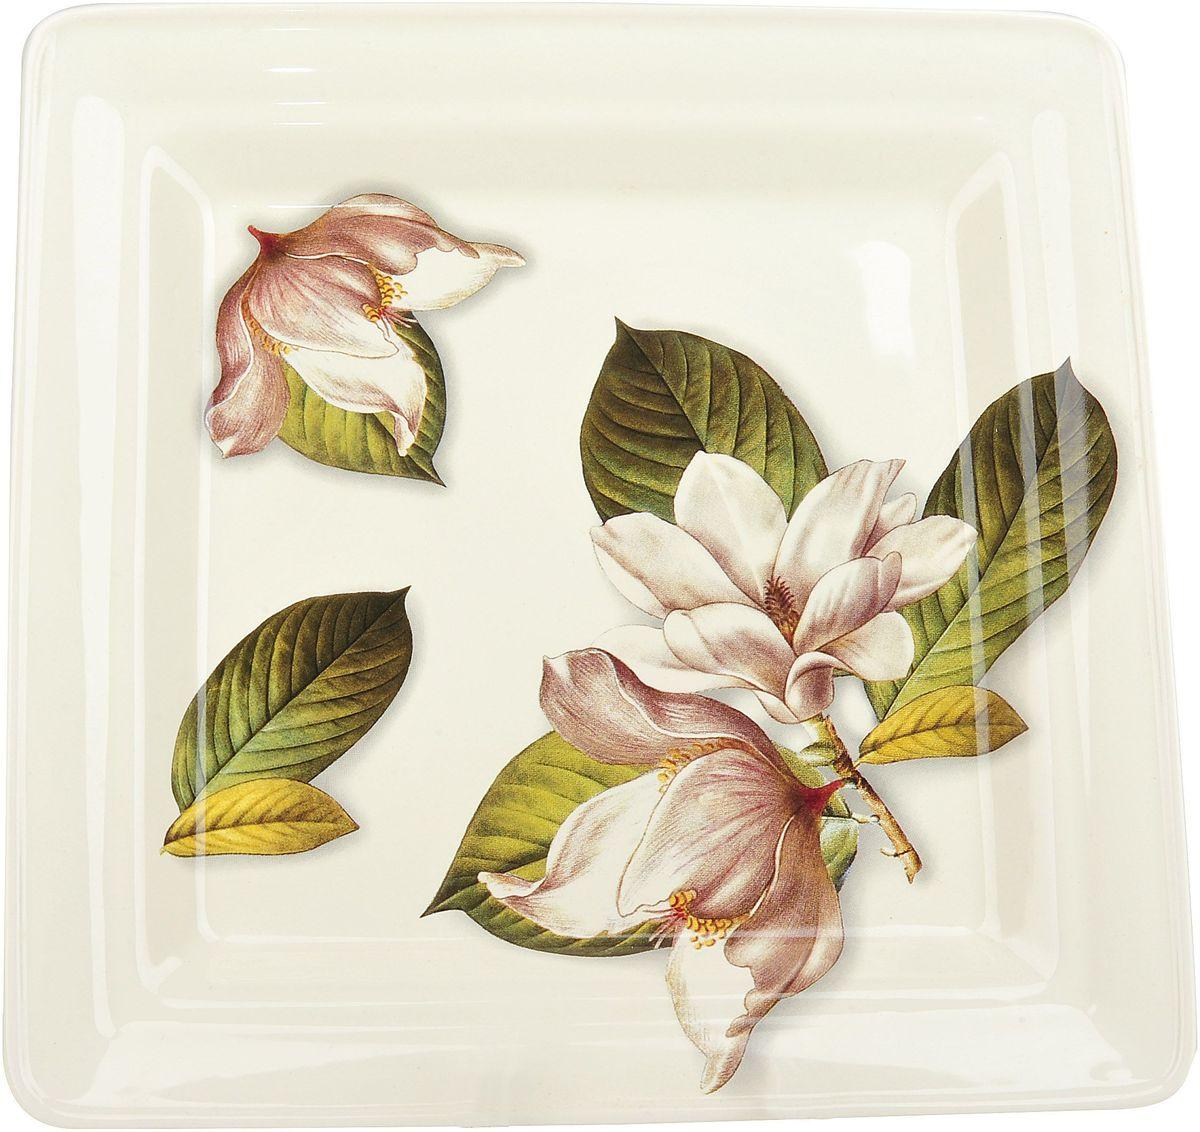 Тарелка квадратная ENS Group Танго Магнолия, диаметр 29 см0910013Тарелка Танго Магнолия, изготовленная из высококачественного доломита, предназначена для красивой подачи различных блюд. Изделие декорировано изящным рисунком цветов и имеет изысканный внешний вид. Такая тарелка украсит сервировку стола и подчеркнет прекрасный вкус хозяйки.